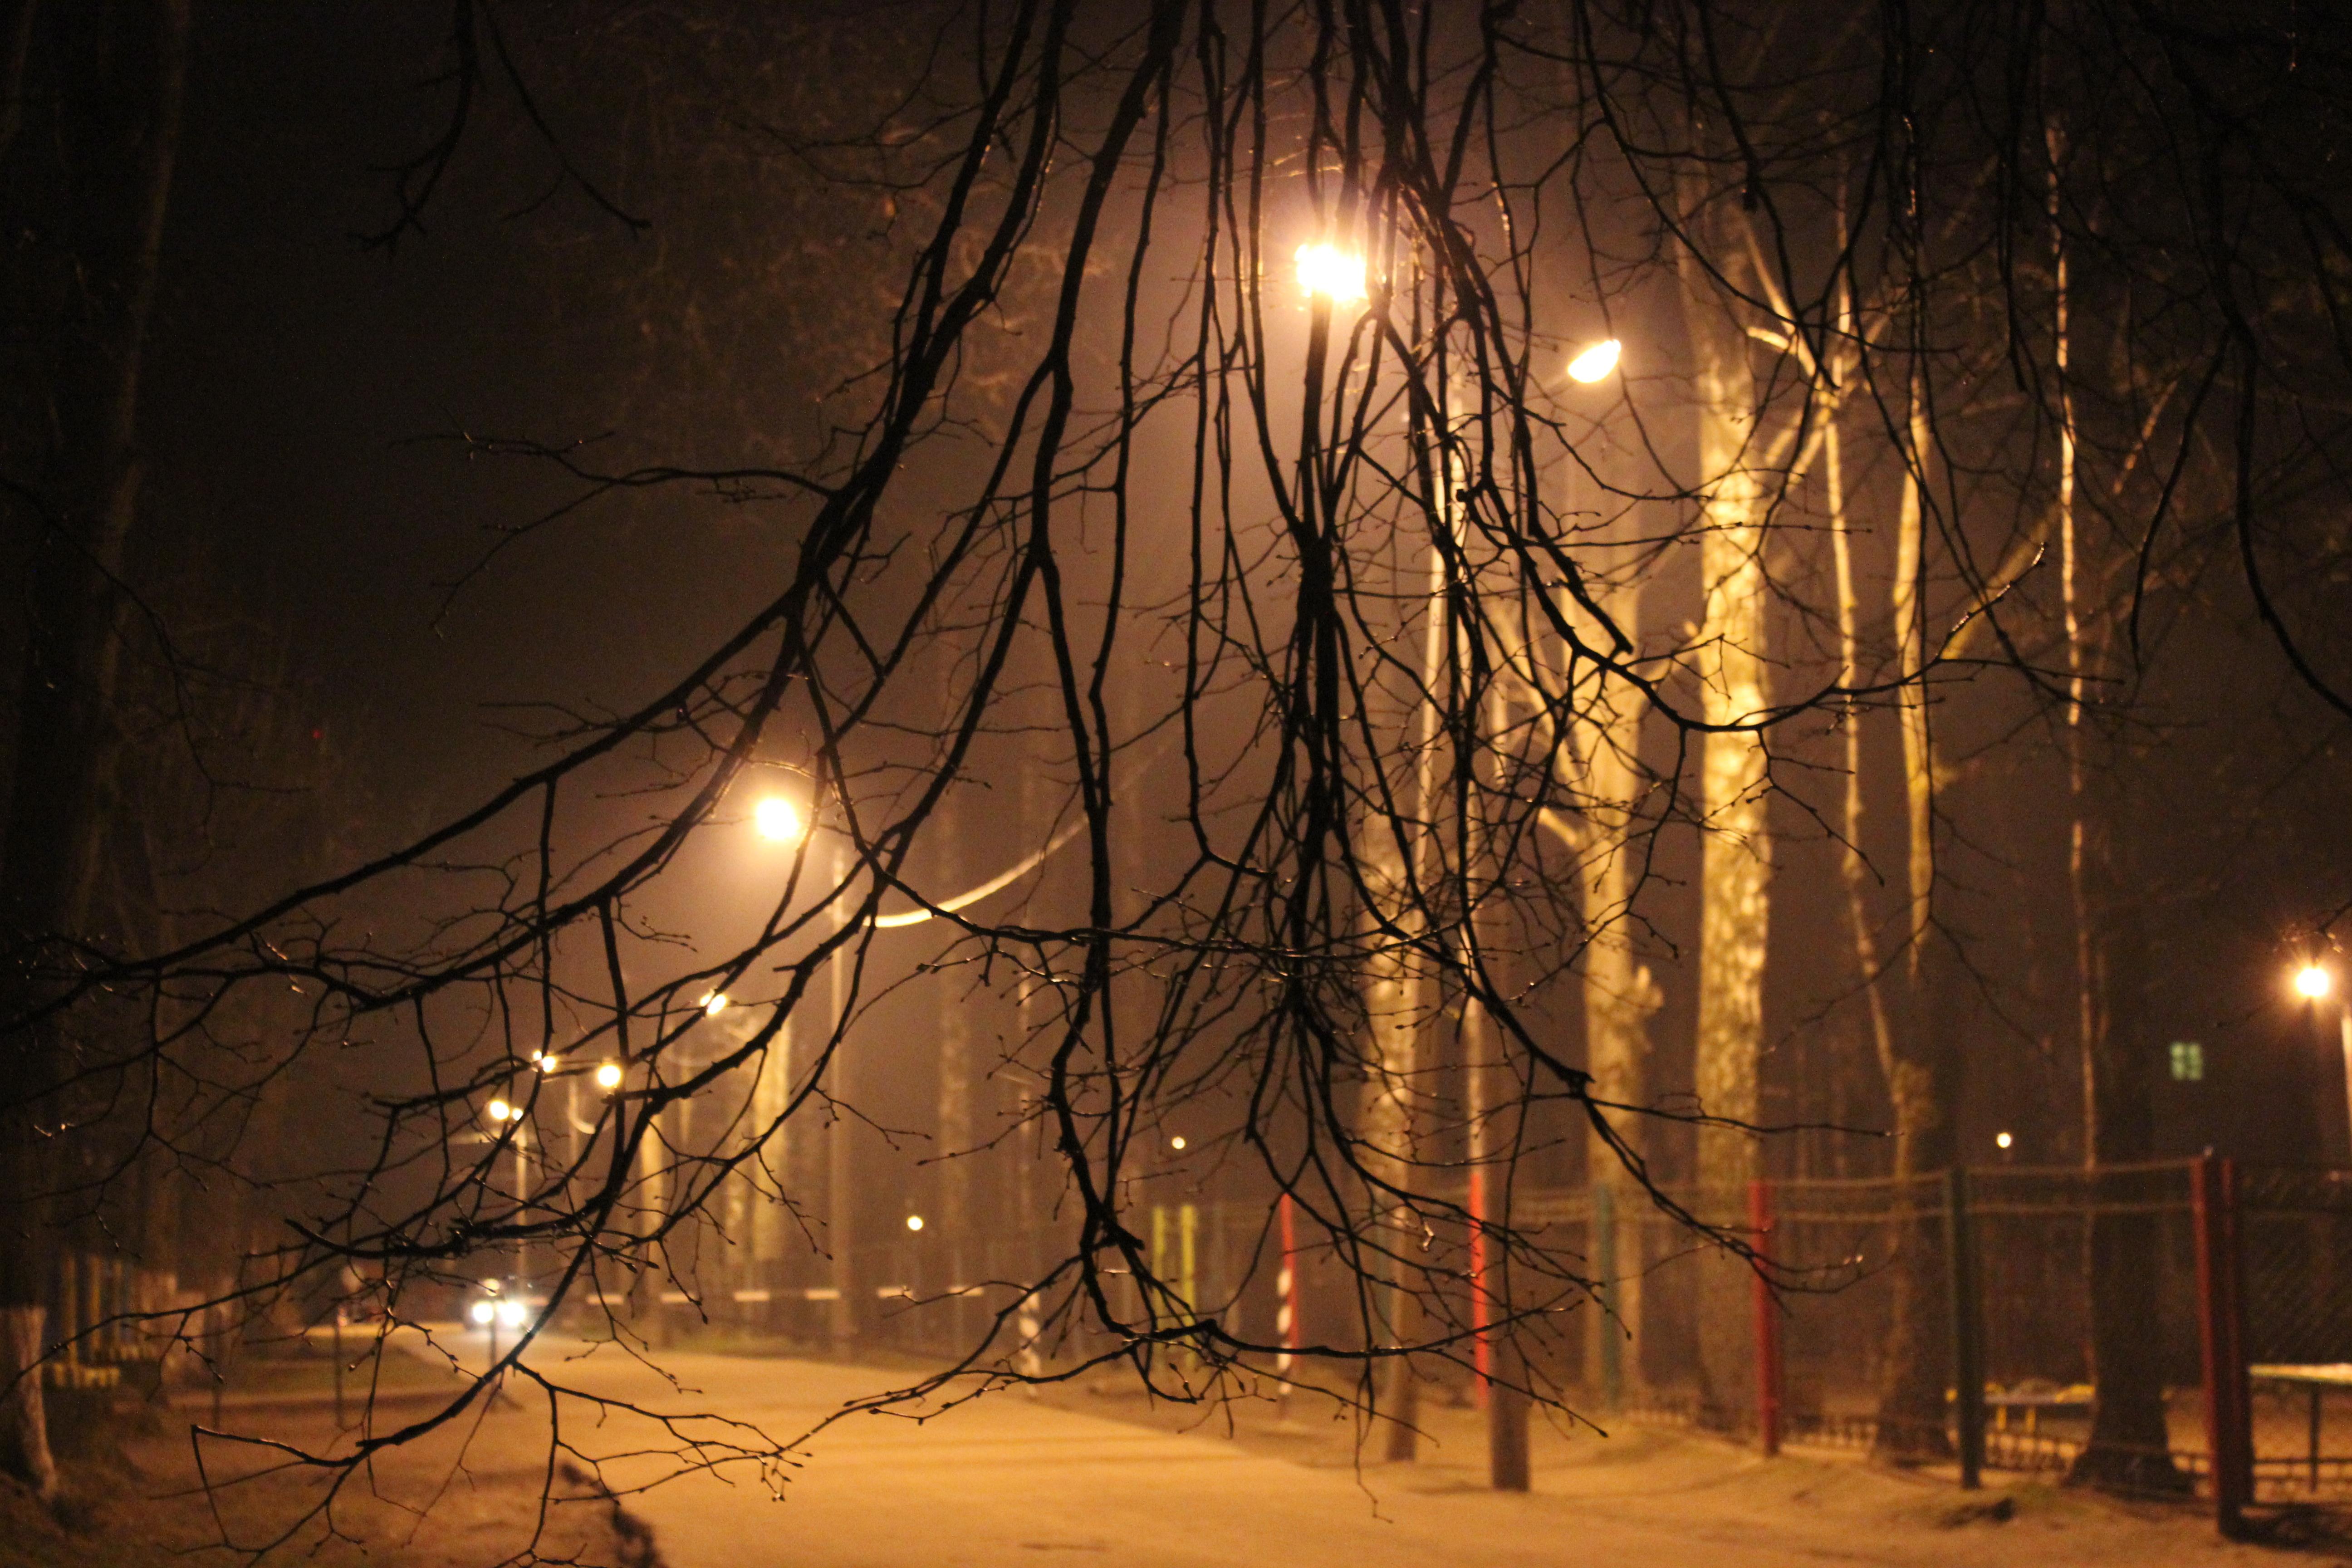 ВСмоленской городской администрации проинформировали о проблеме уличного освещения